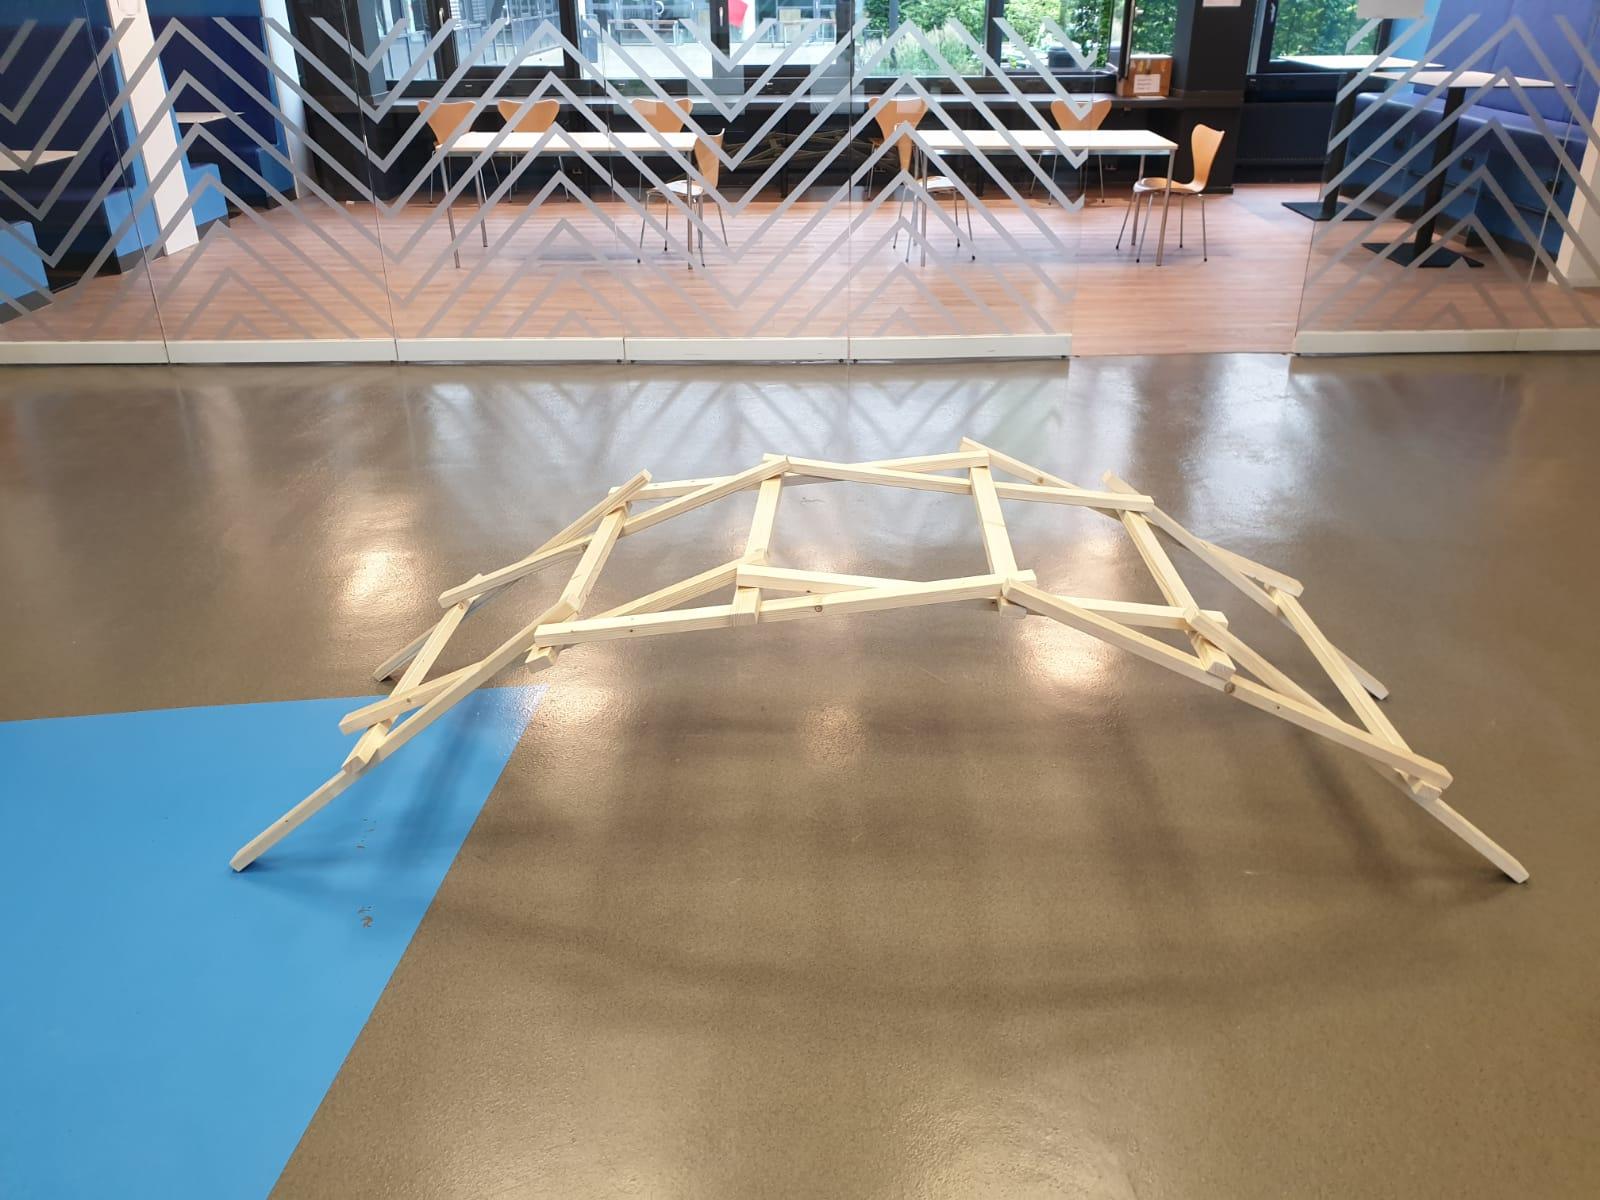 Eine Leonardo-Brücke konstruieren, das können interessierte Kinder am Samstag (10.7) beim Mitmachprogramm der FH Münster. (Foto: FH Münster/Fachbereich Bauingenieurwesen)